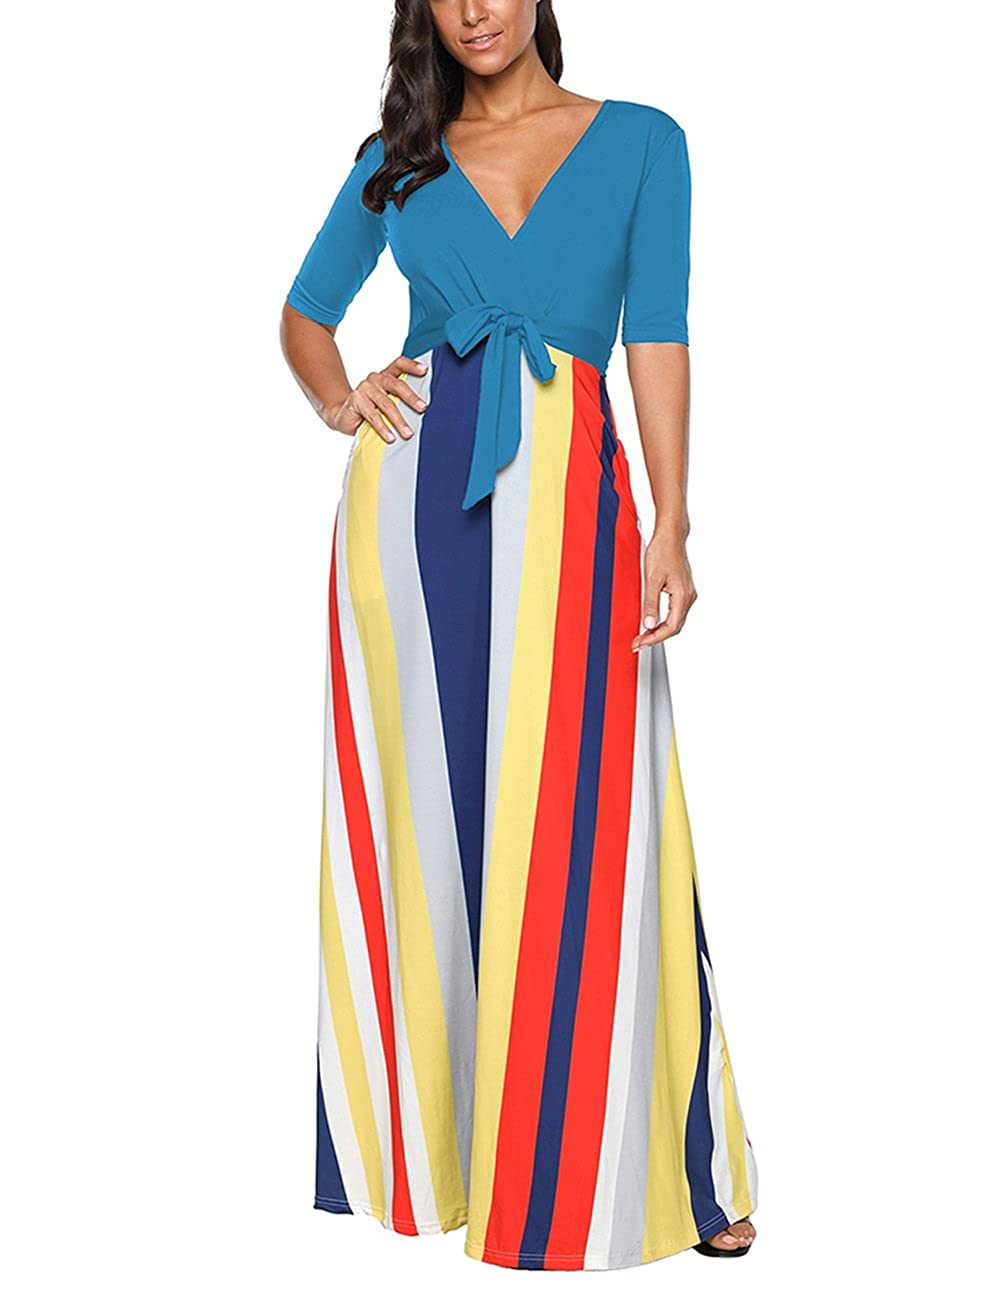 SELUXU Damen Sommerkleid Mode Herbst Vintage Print Kleid High Waist Gestreiftes Langes Abend V-Ausschnitt Halbe Hülse Strand Maxikleid S-XXL